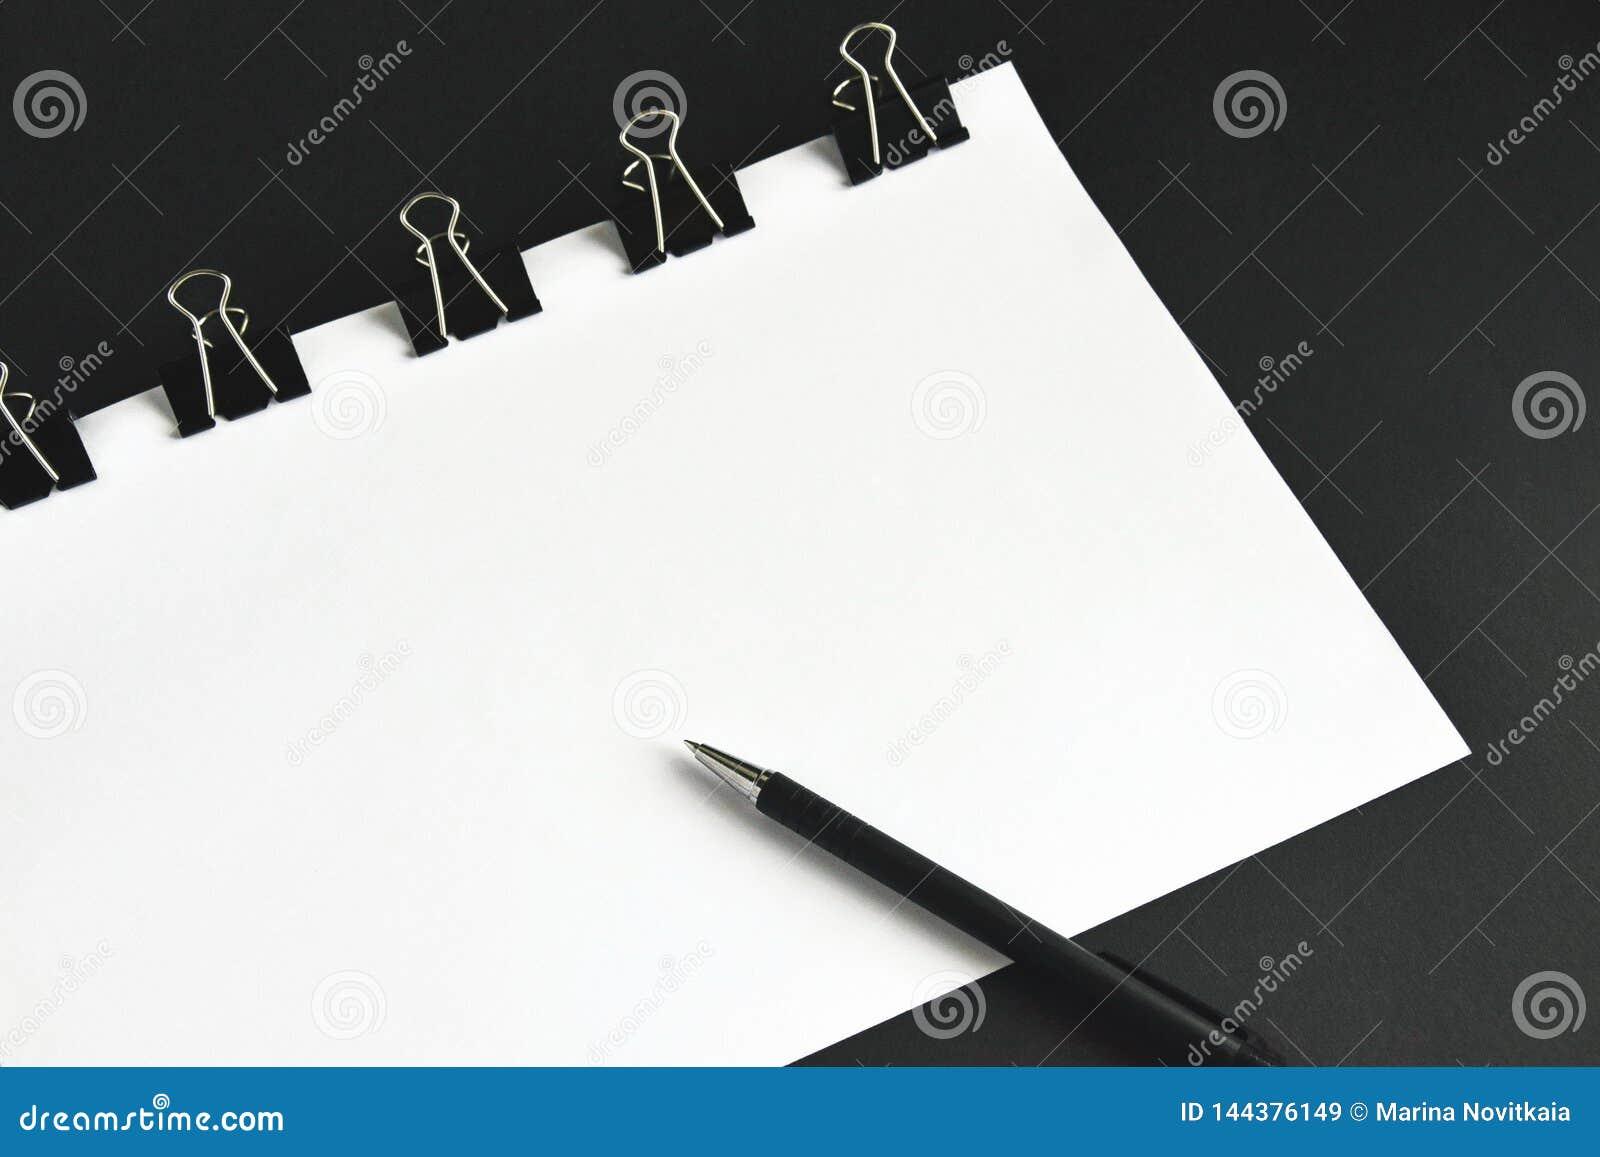 Kontorstillbehör, vitt ark-, penn- och limbindninggem